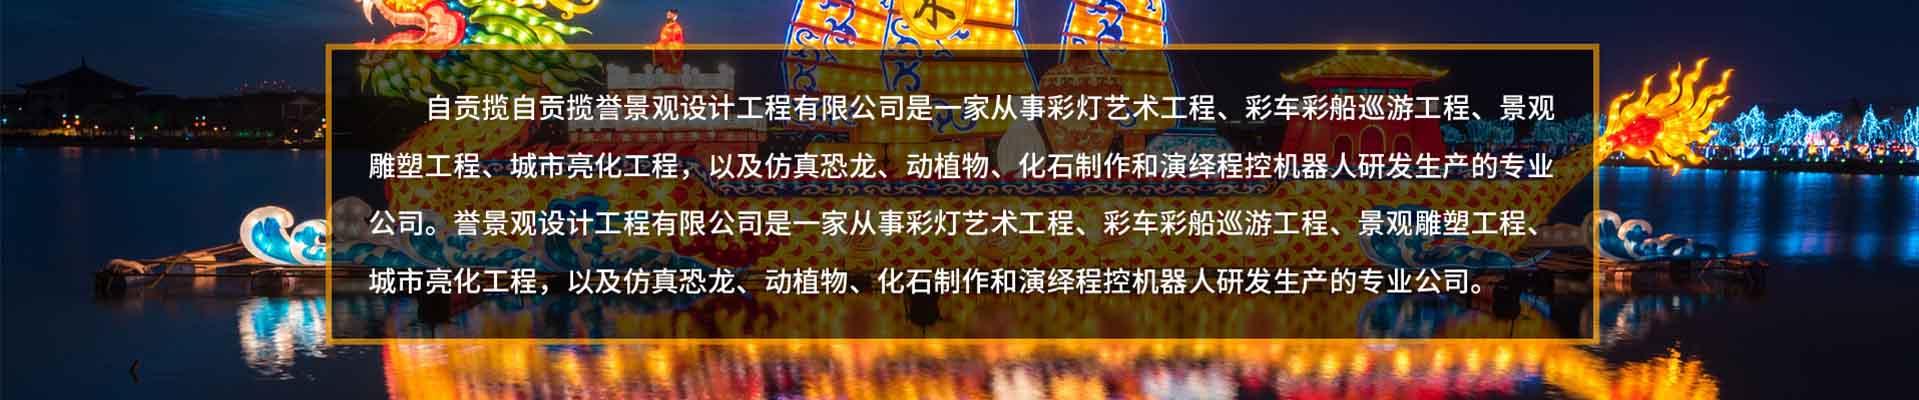 http://www.zglyjg.com/data/upload/202105/20210519180231_543.jpg